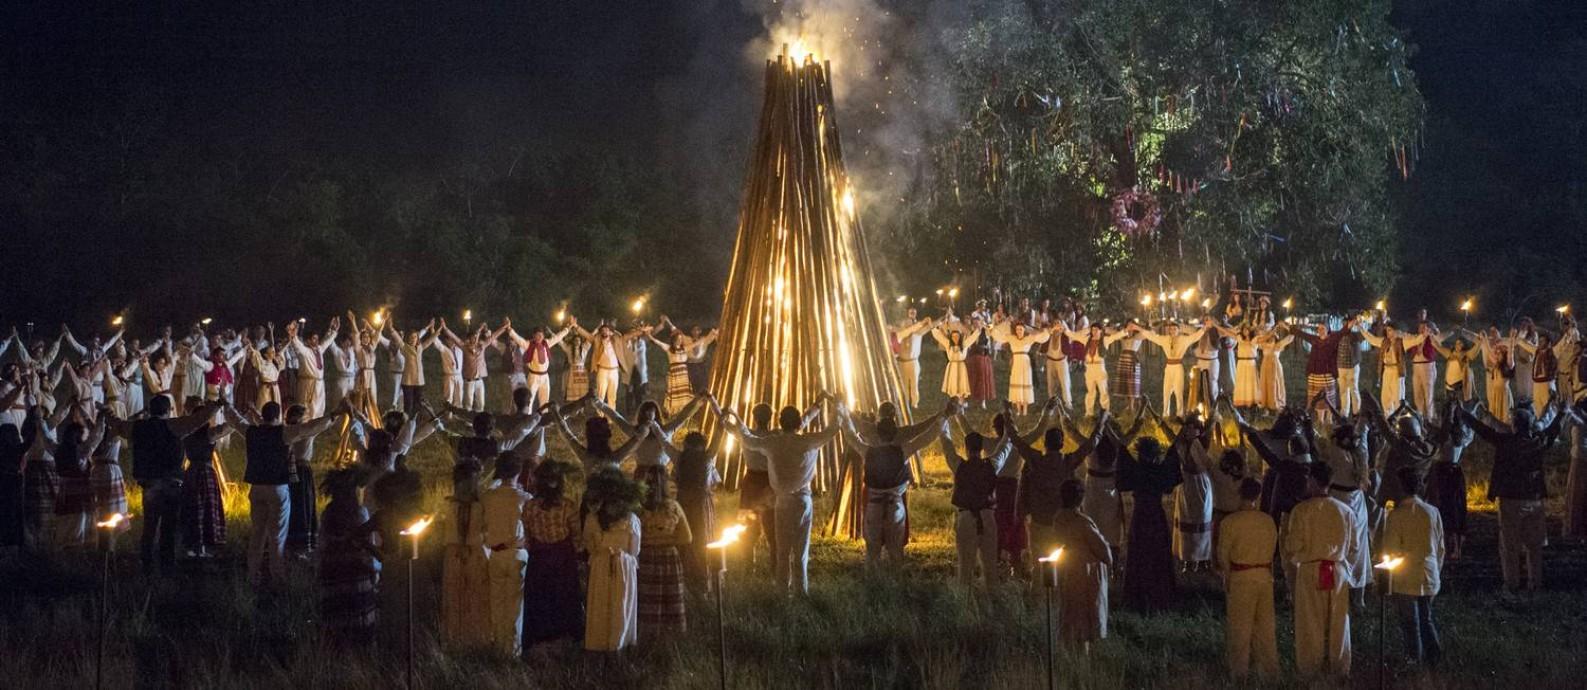 """SC - O drama sobrenatural """"Desalma"""", que estreia nesta quinta no Globoplay, recorre a bruxas e tradições eslavas para retratar a dificuldade do ser humano de aceitar a morte. Na imagem, a festa de Ivana Kupala"""